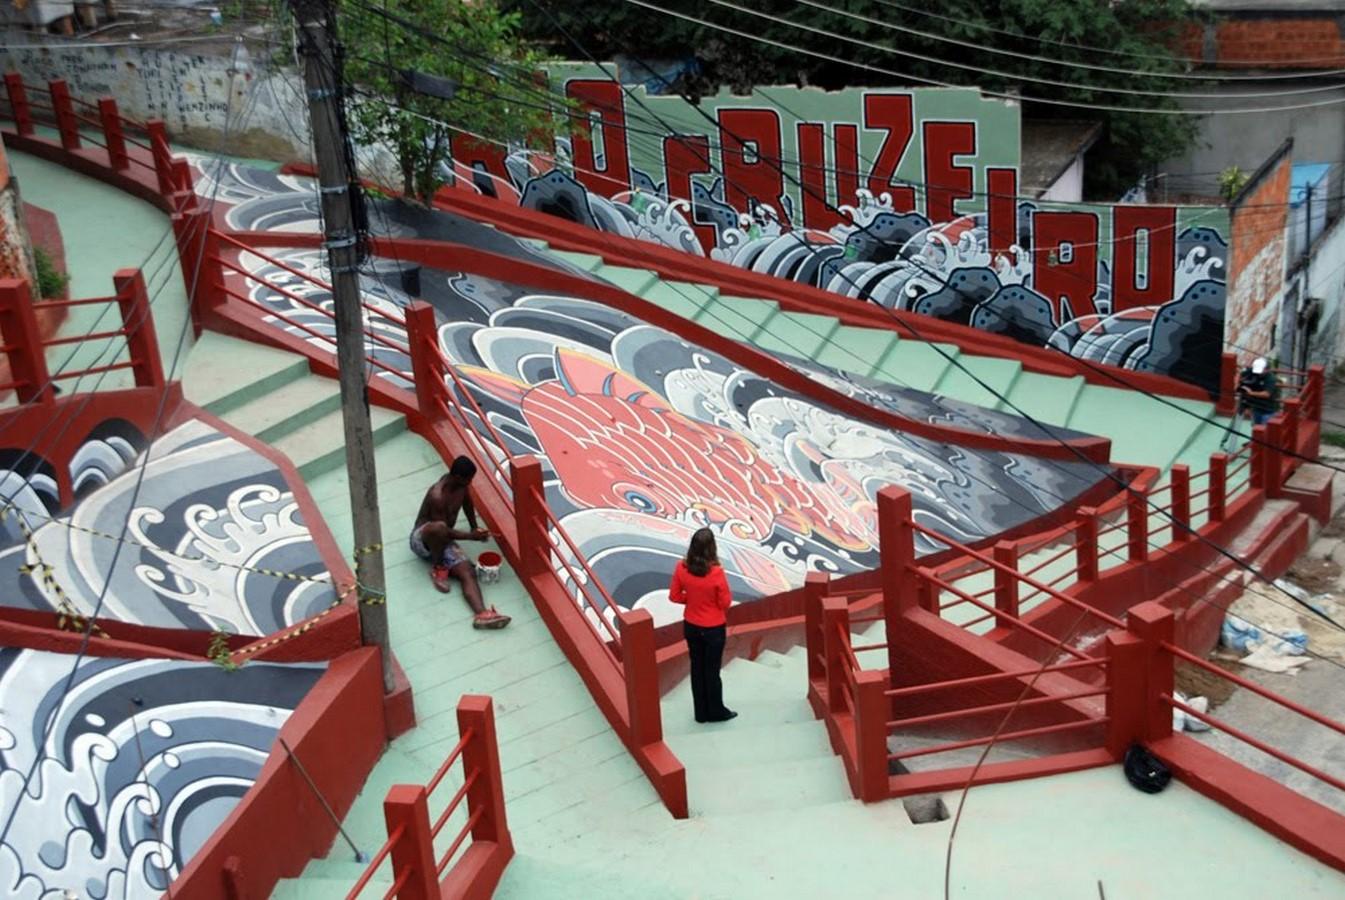 Favela Paintings at Santa Marta - Sheet3